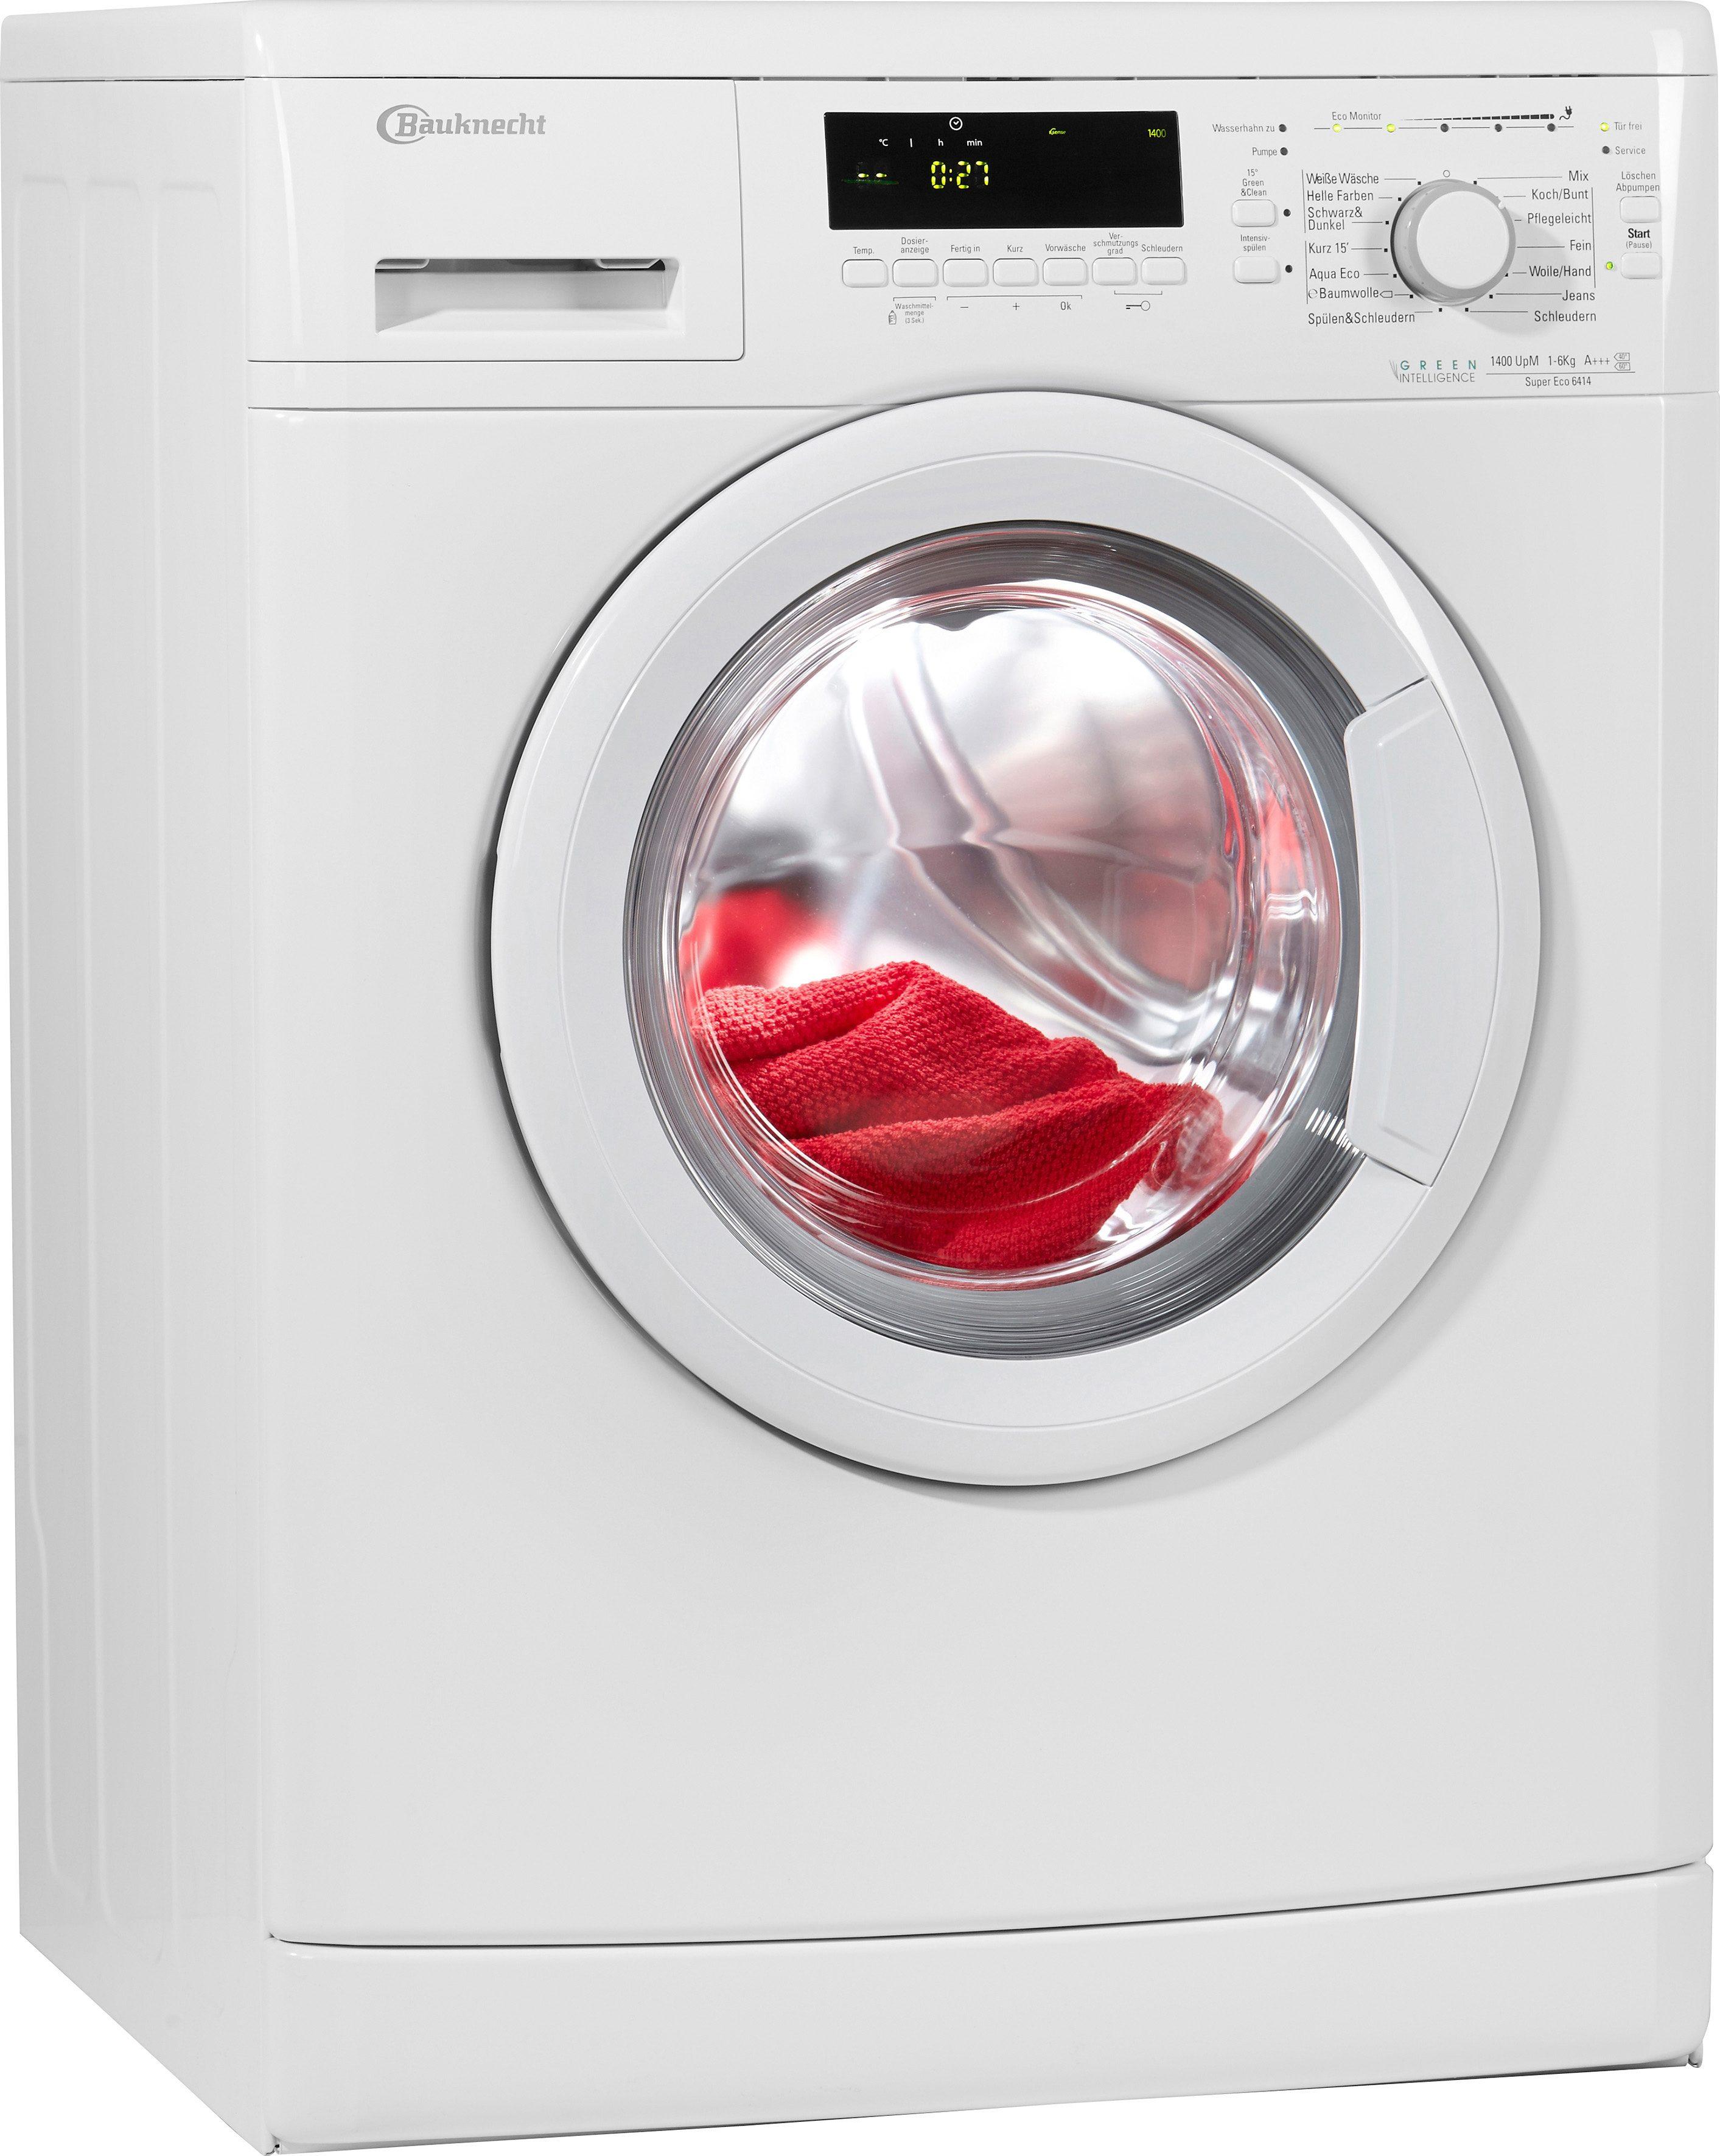 BAUKNECHT Waschmaschine Super Eco 6414, A+++, 6 kg, 1400 U/Min